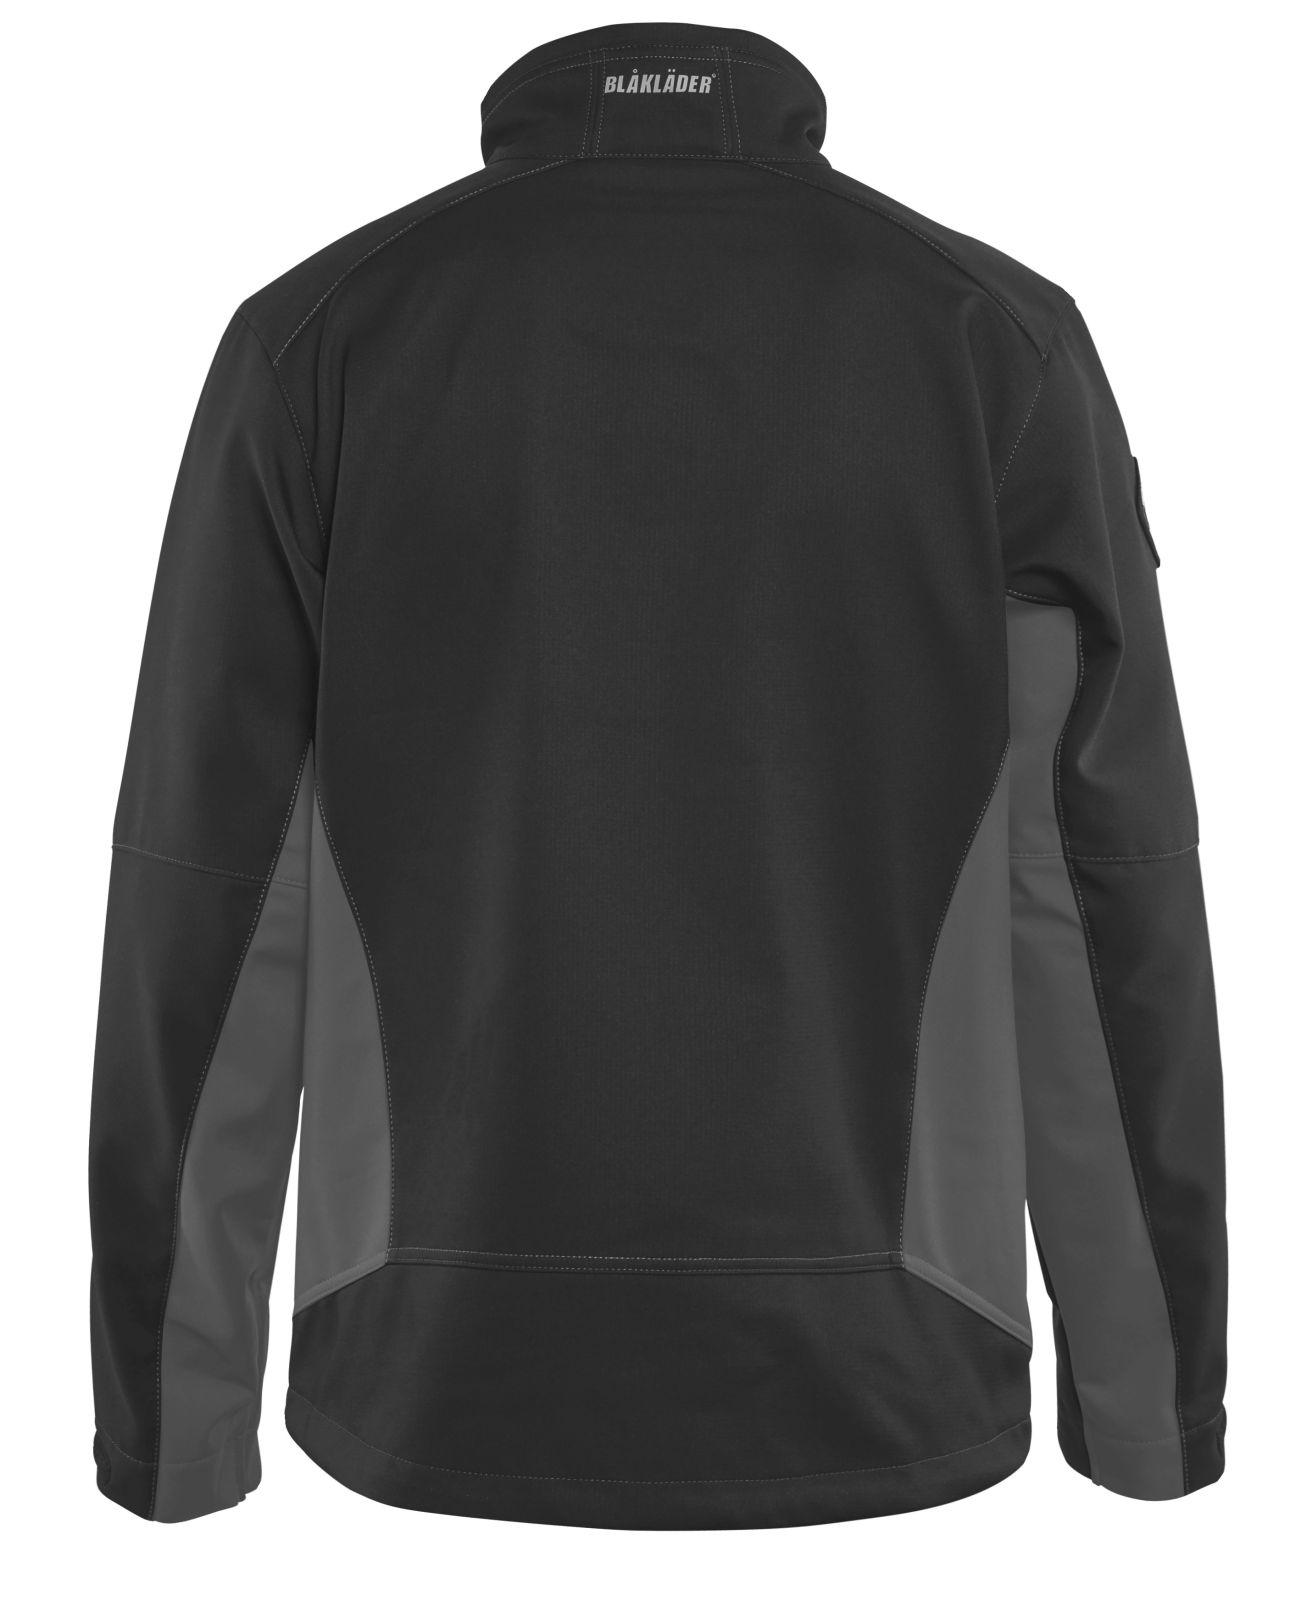 Blaklader Softshell jacks 49502516 zwart-grijs(9998)